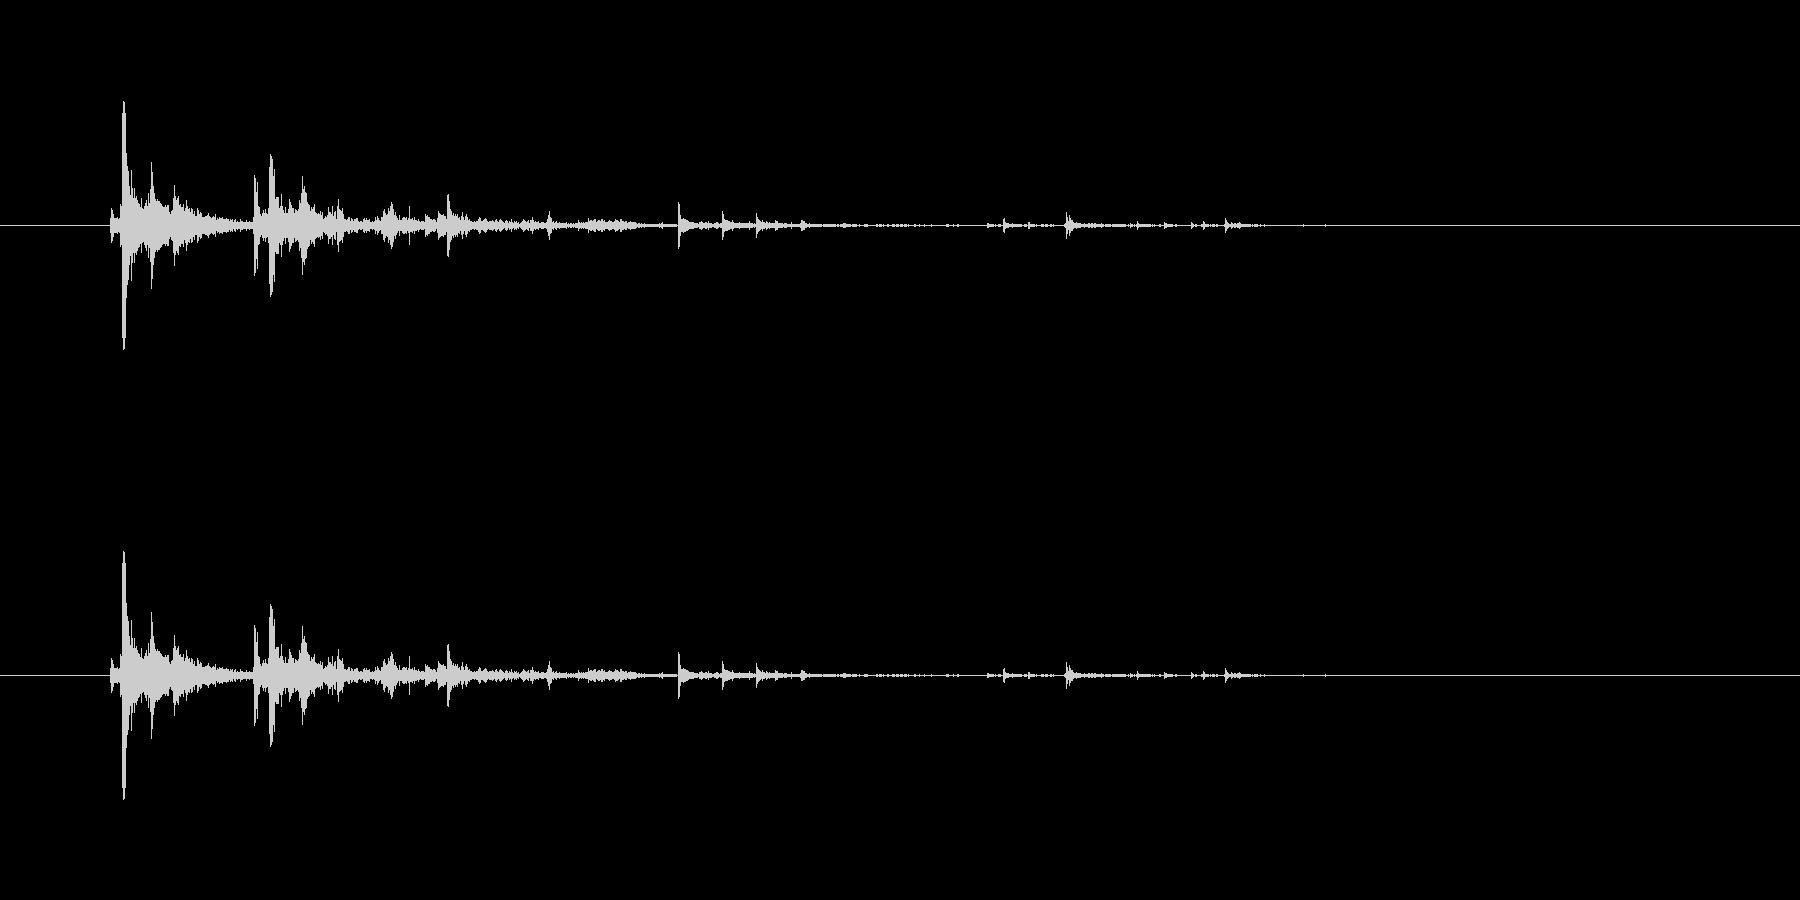 【ペン立て01-5(ひっくり返す)】の未再生の波形